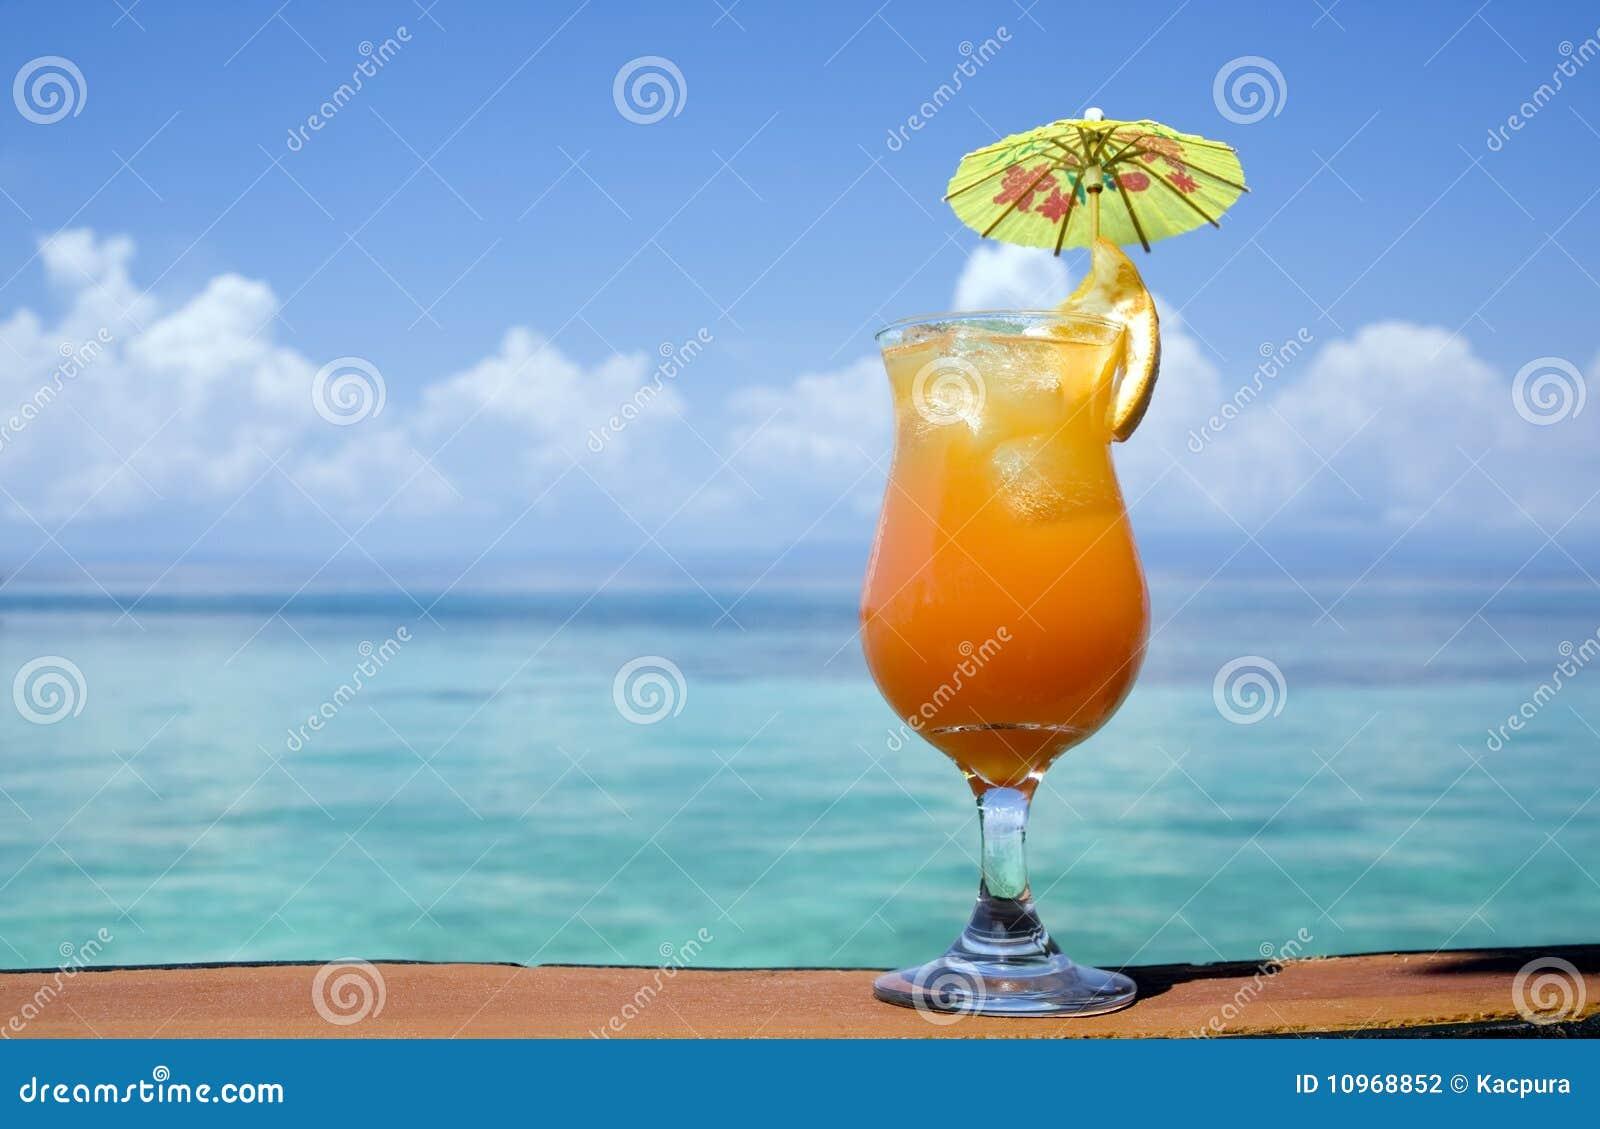 热带饮料的天堂